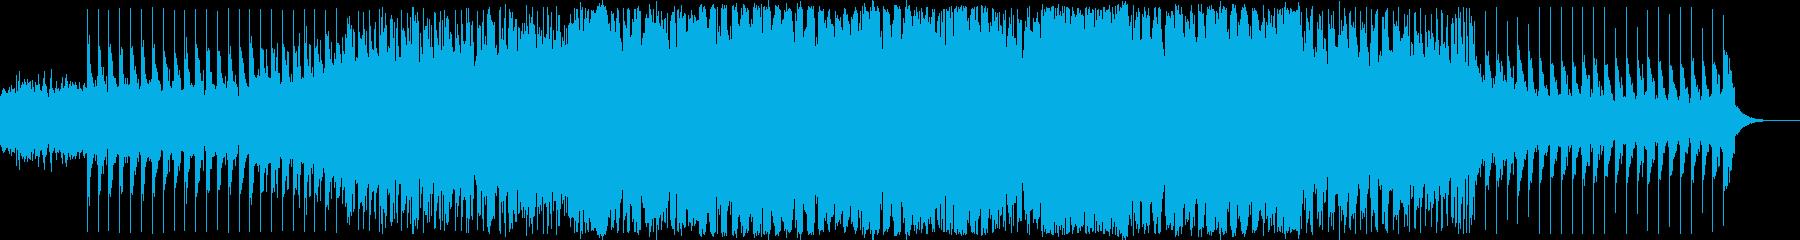 EDM系ダンスミュージックの再生済みの波形